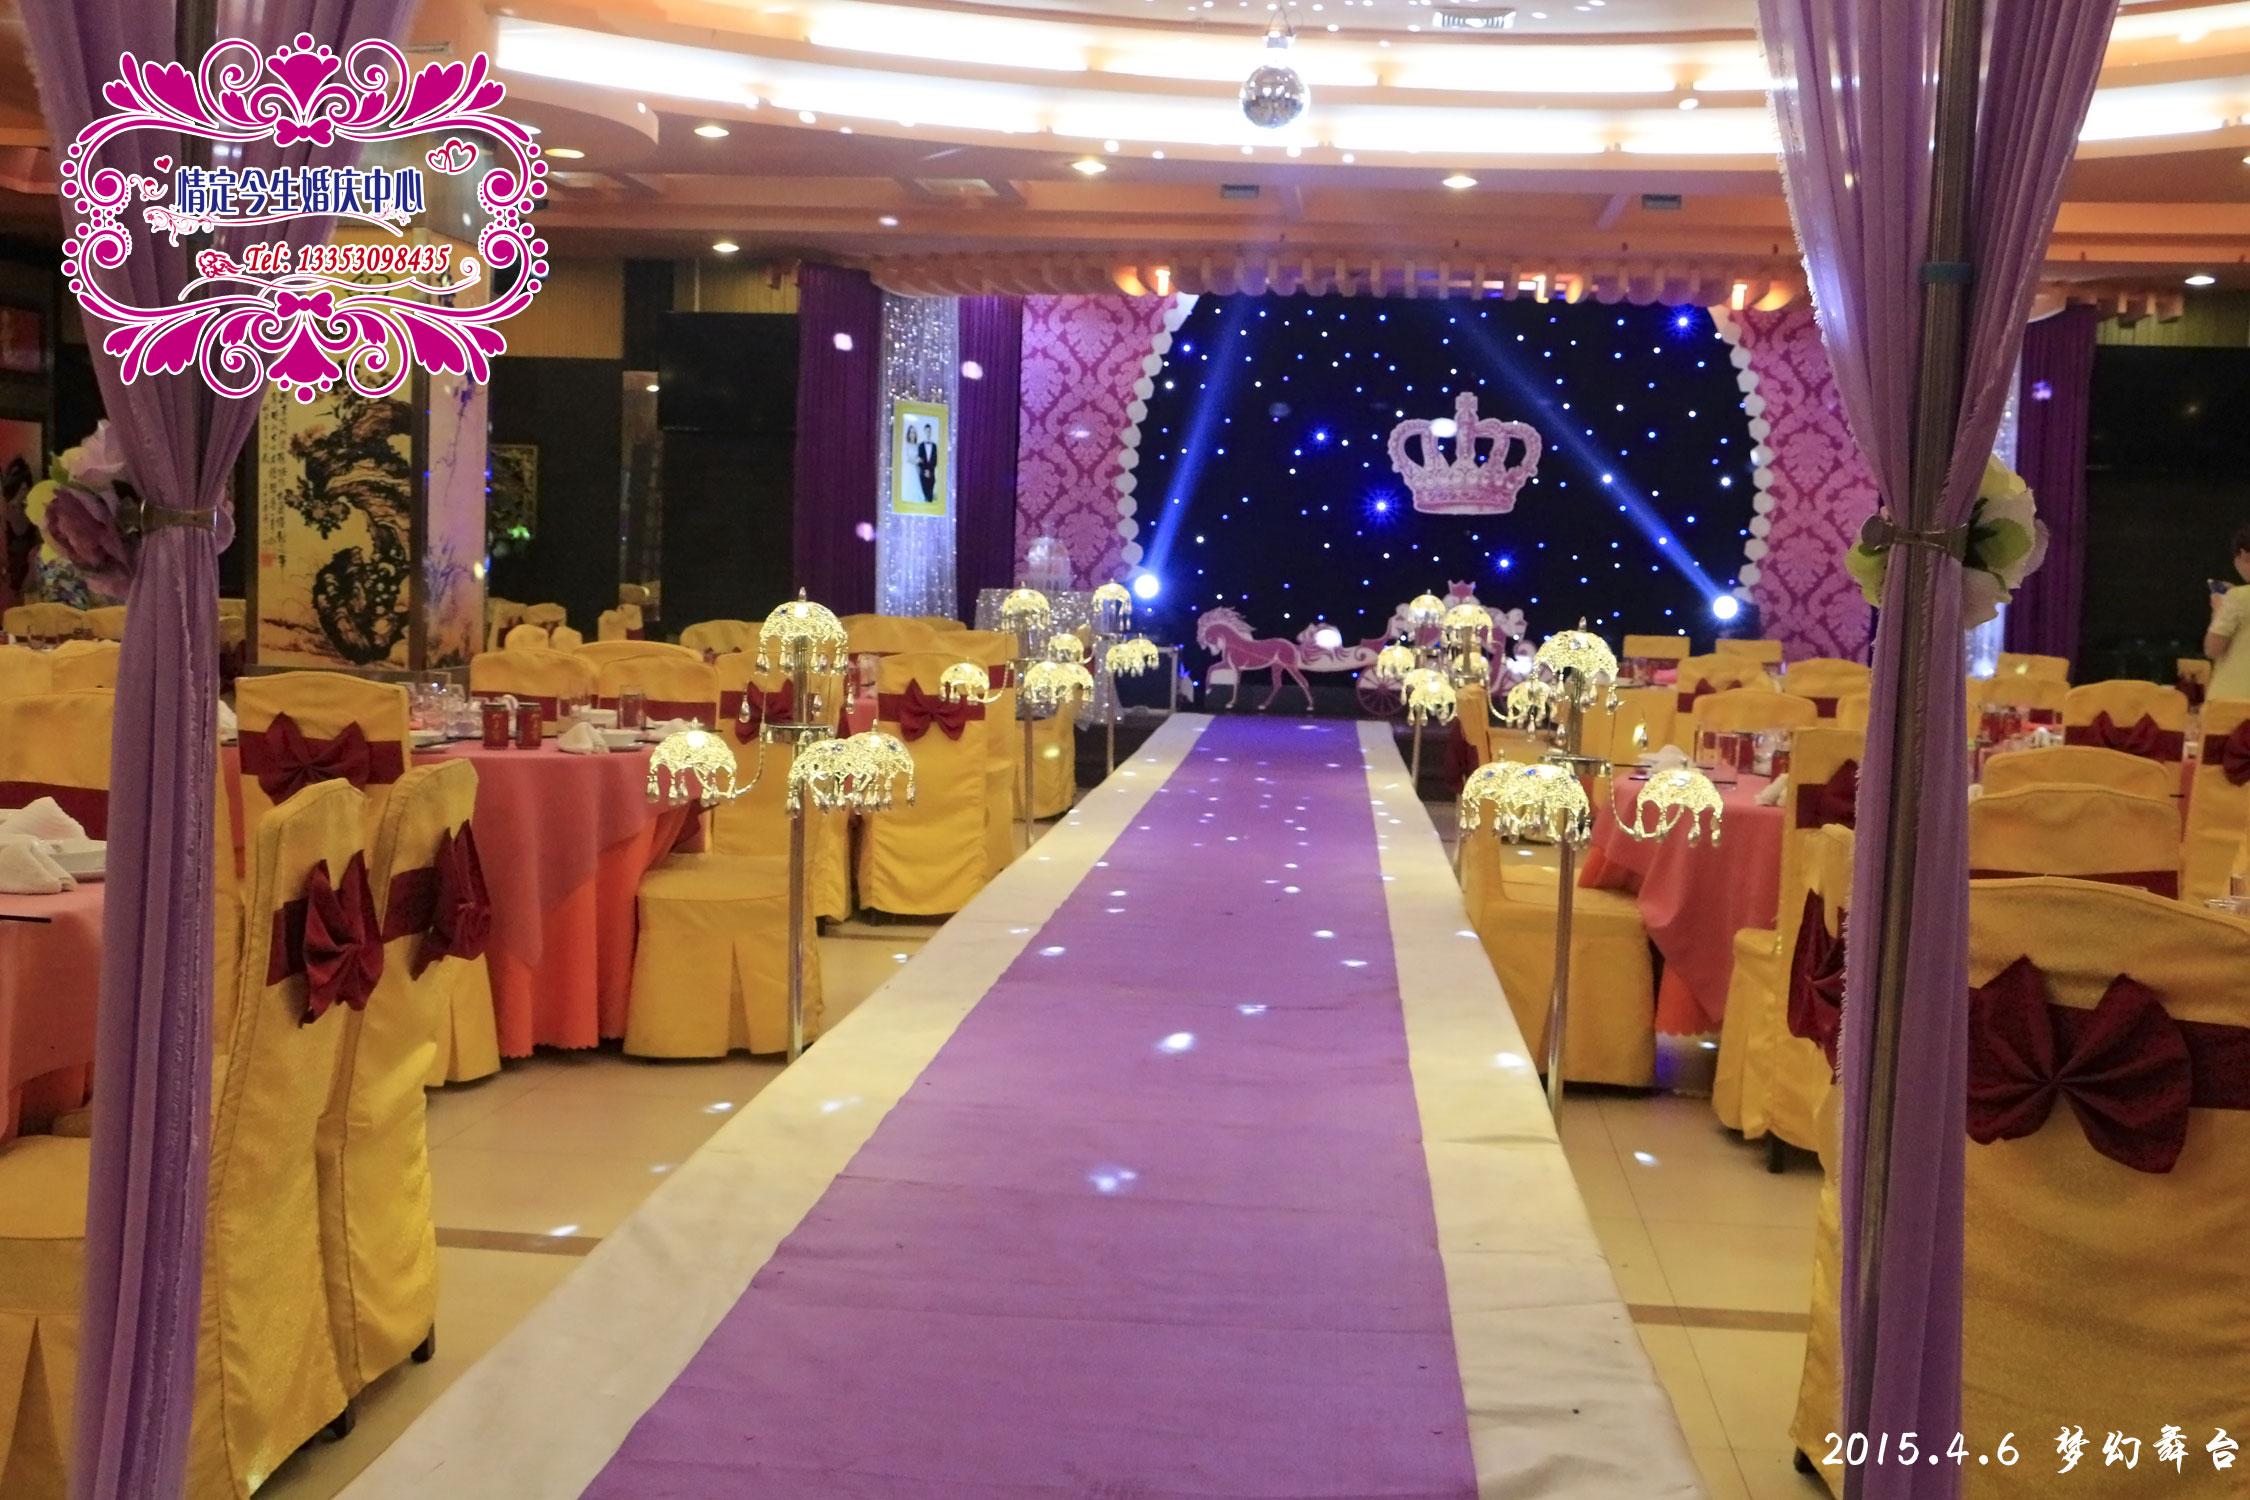 2015年含景区舞台灯光仅5800元(下半年热门优惠套餐)澄海婚礼策划